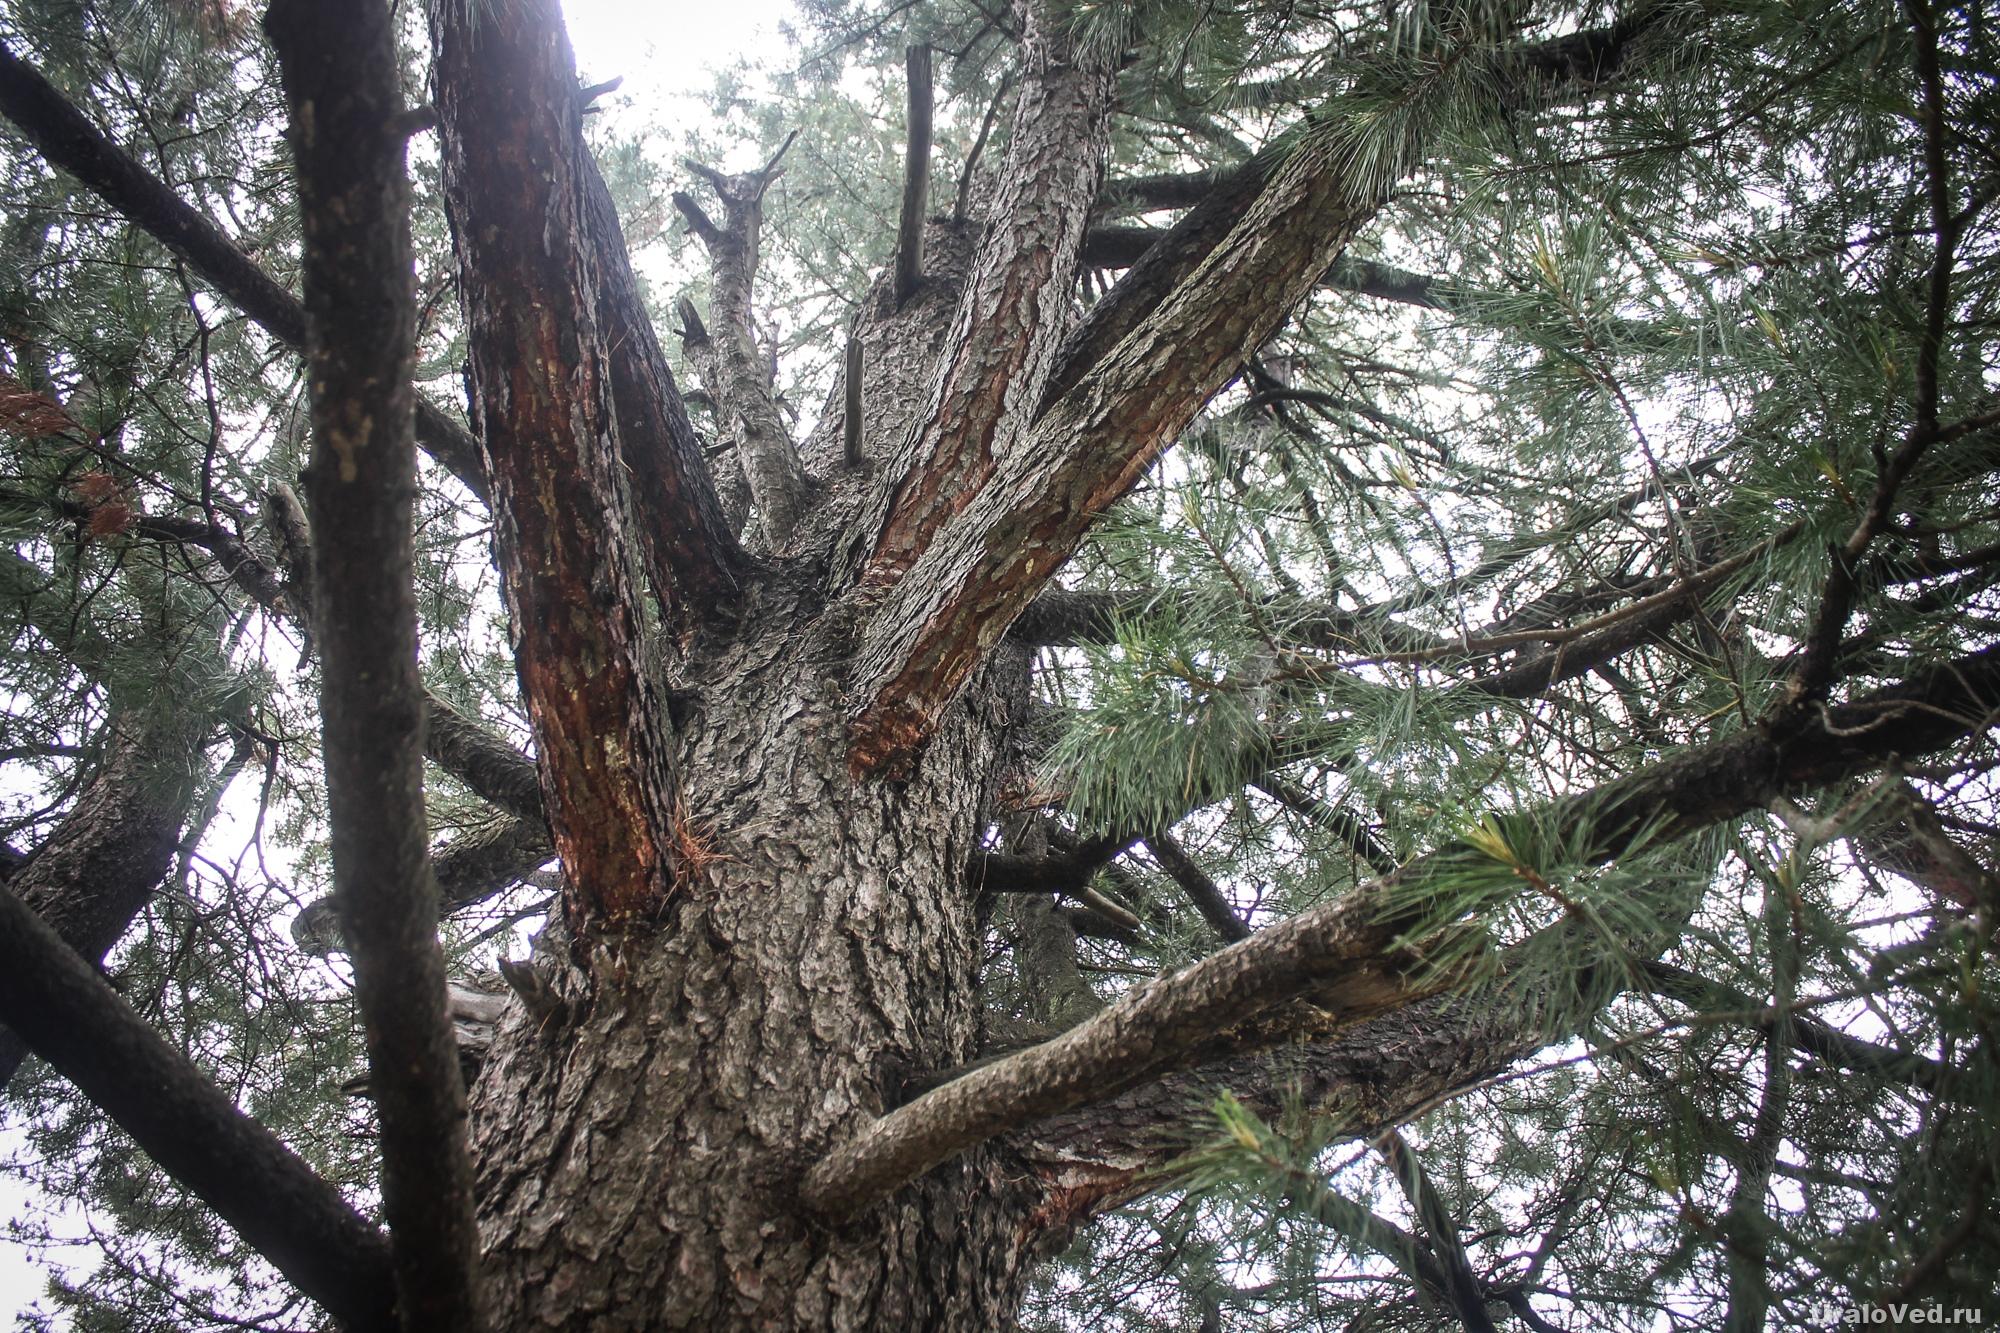 Старая кедровая роща в Ивделе